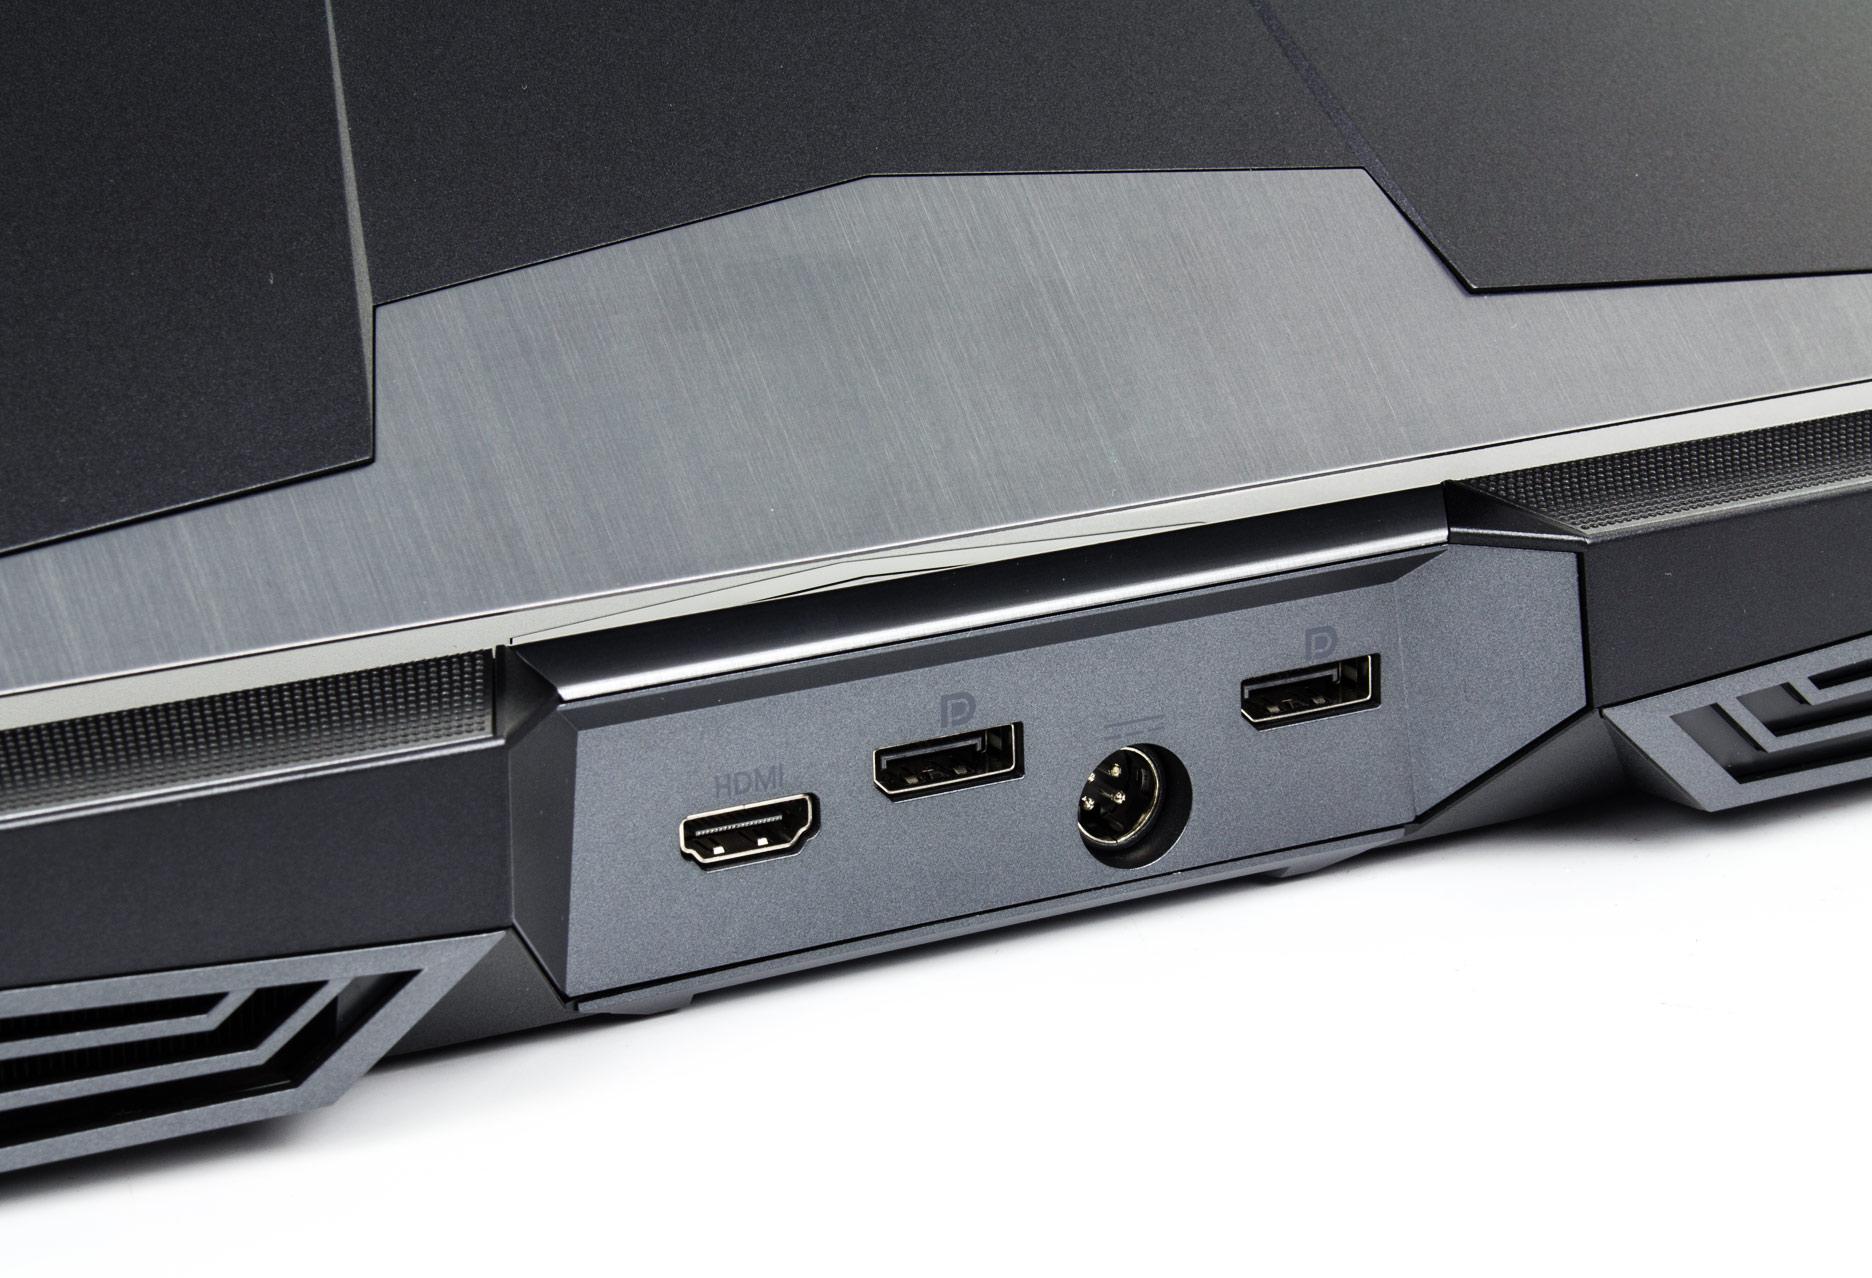 Hyperbook X77DM-G złącza tył